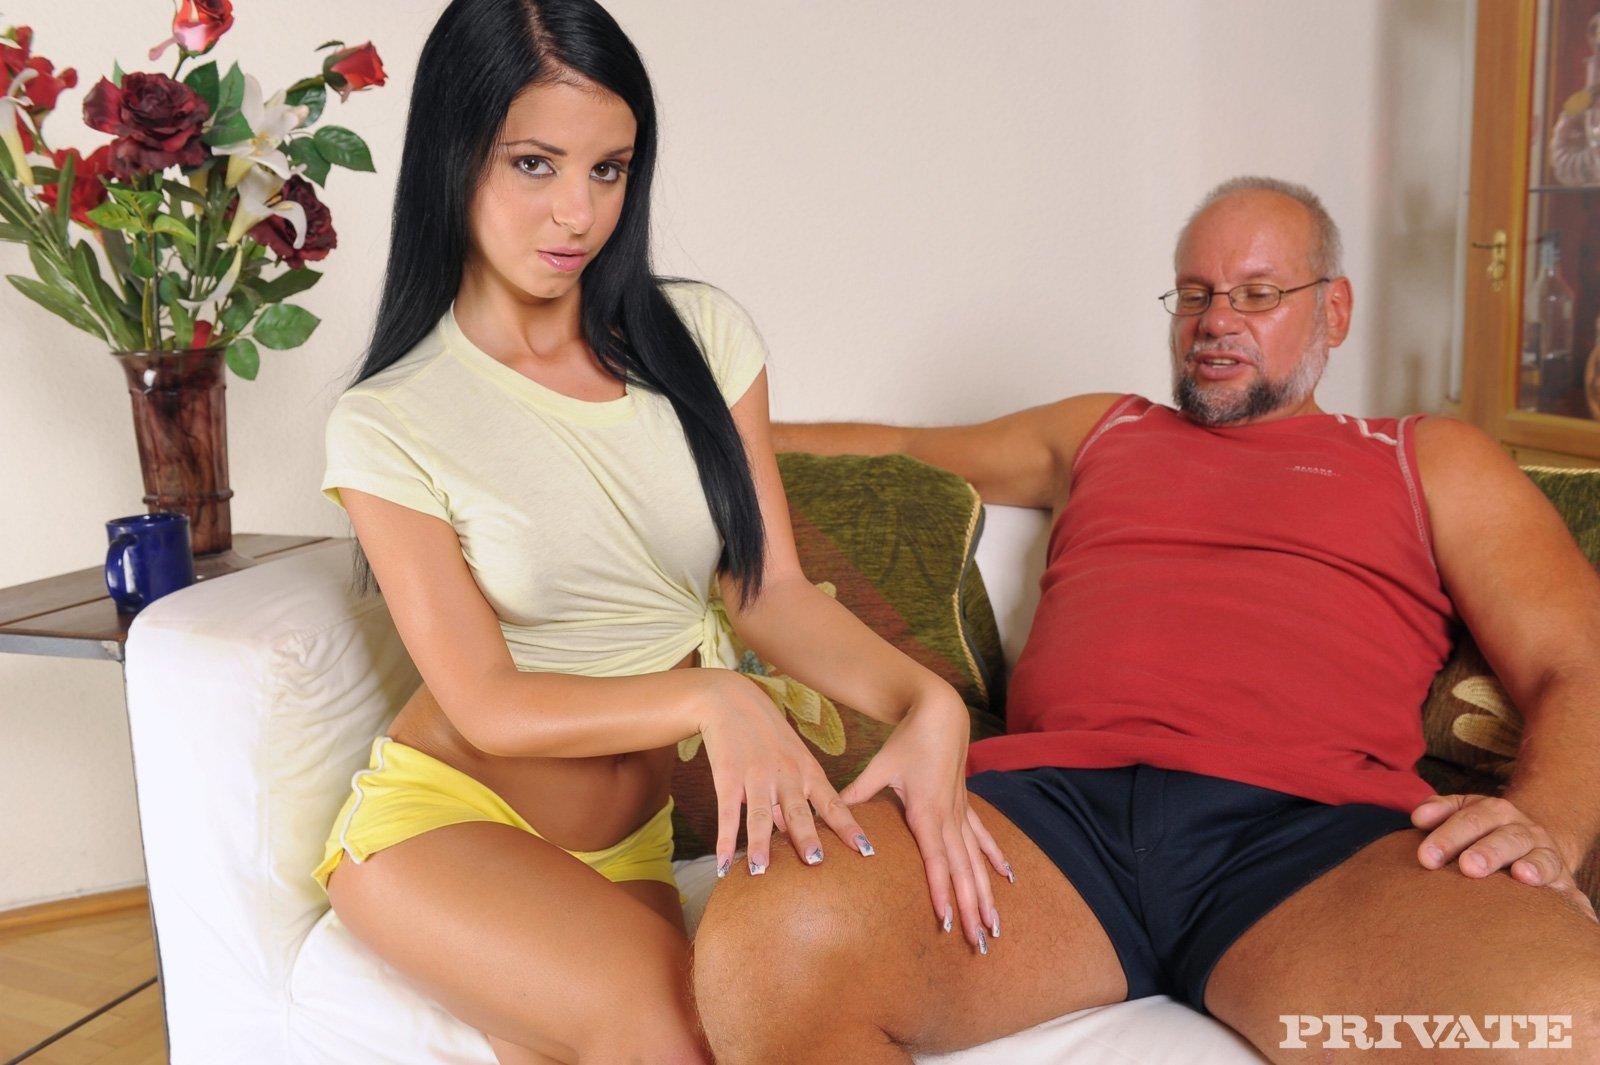 Секс порно галереи пожилых мужчин